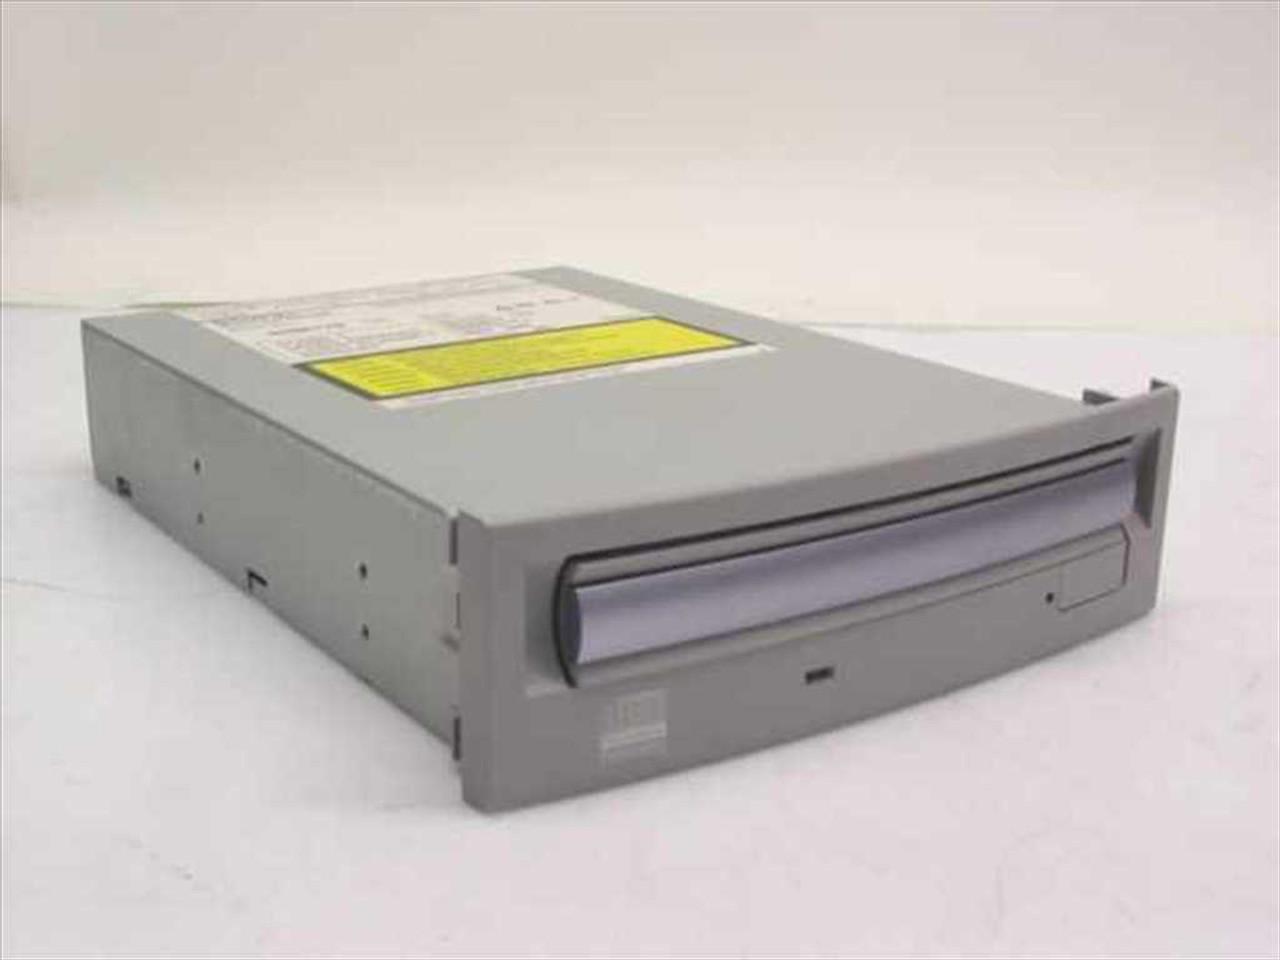 Sony Crx230ed IDE 52x32x52 Cd-r/rw Drive- Black Bezel